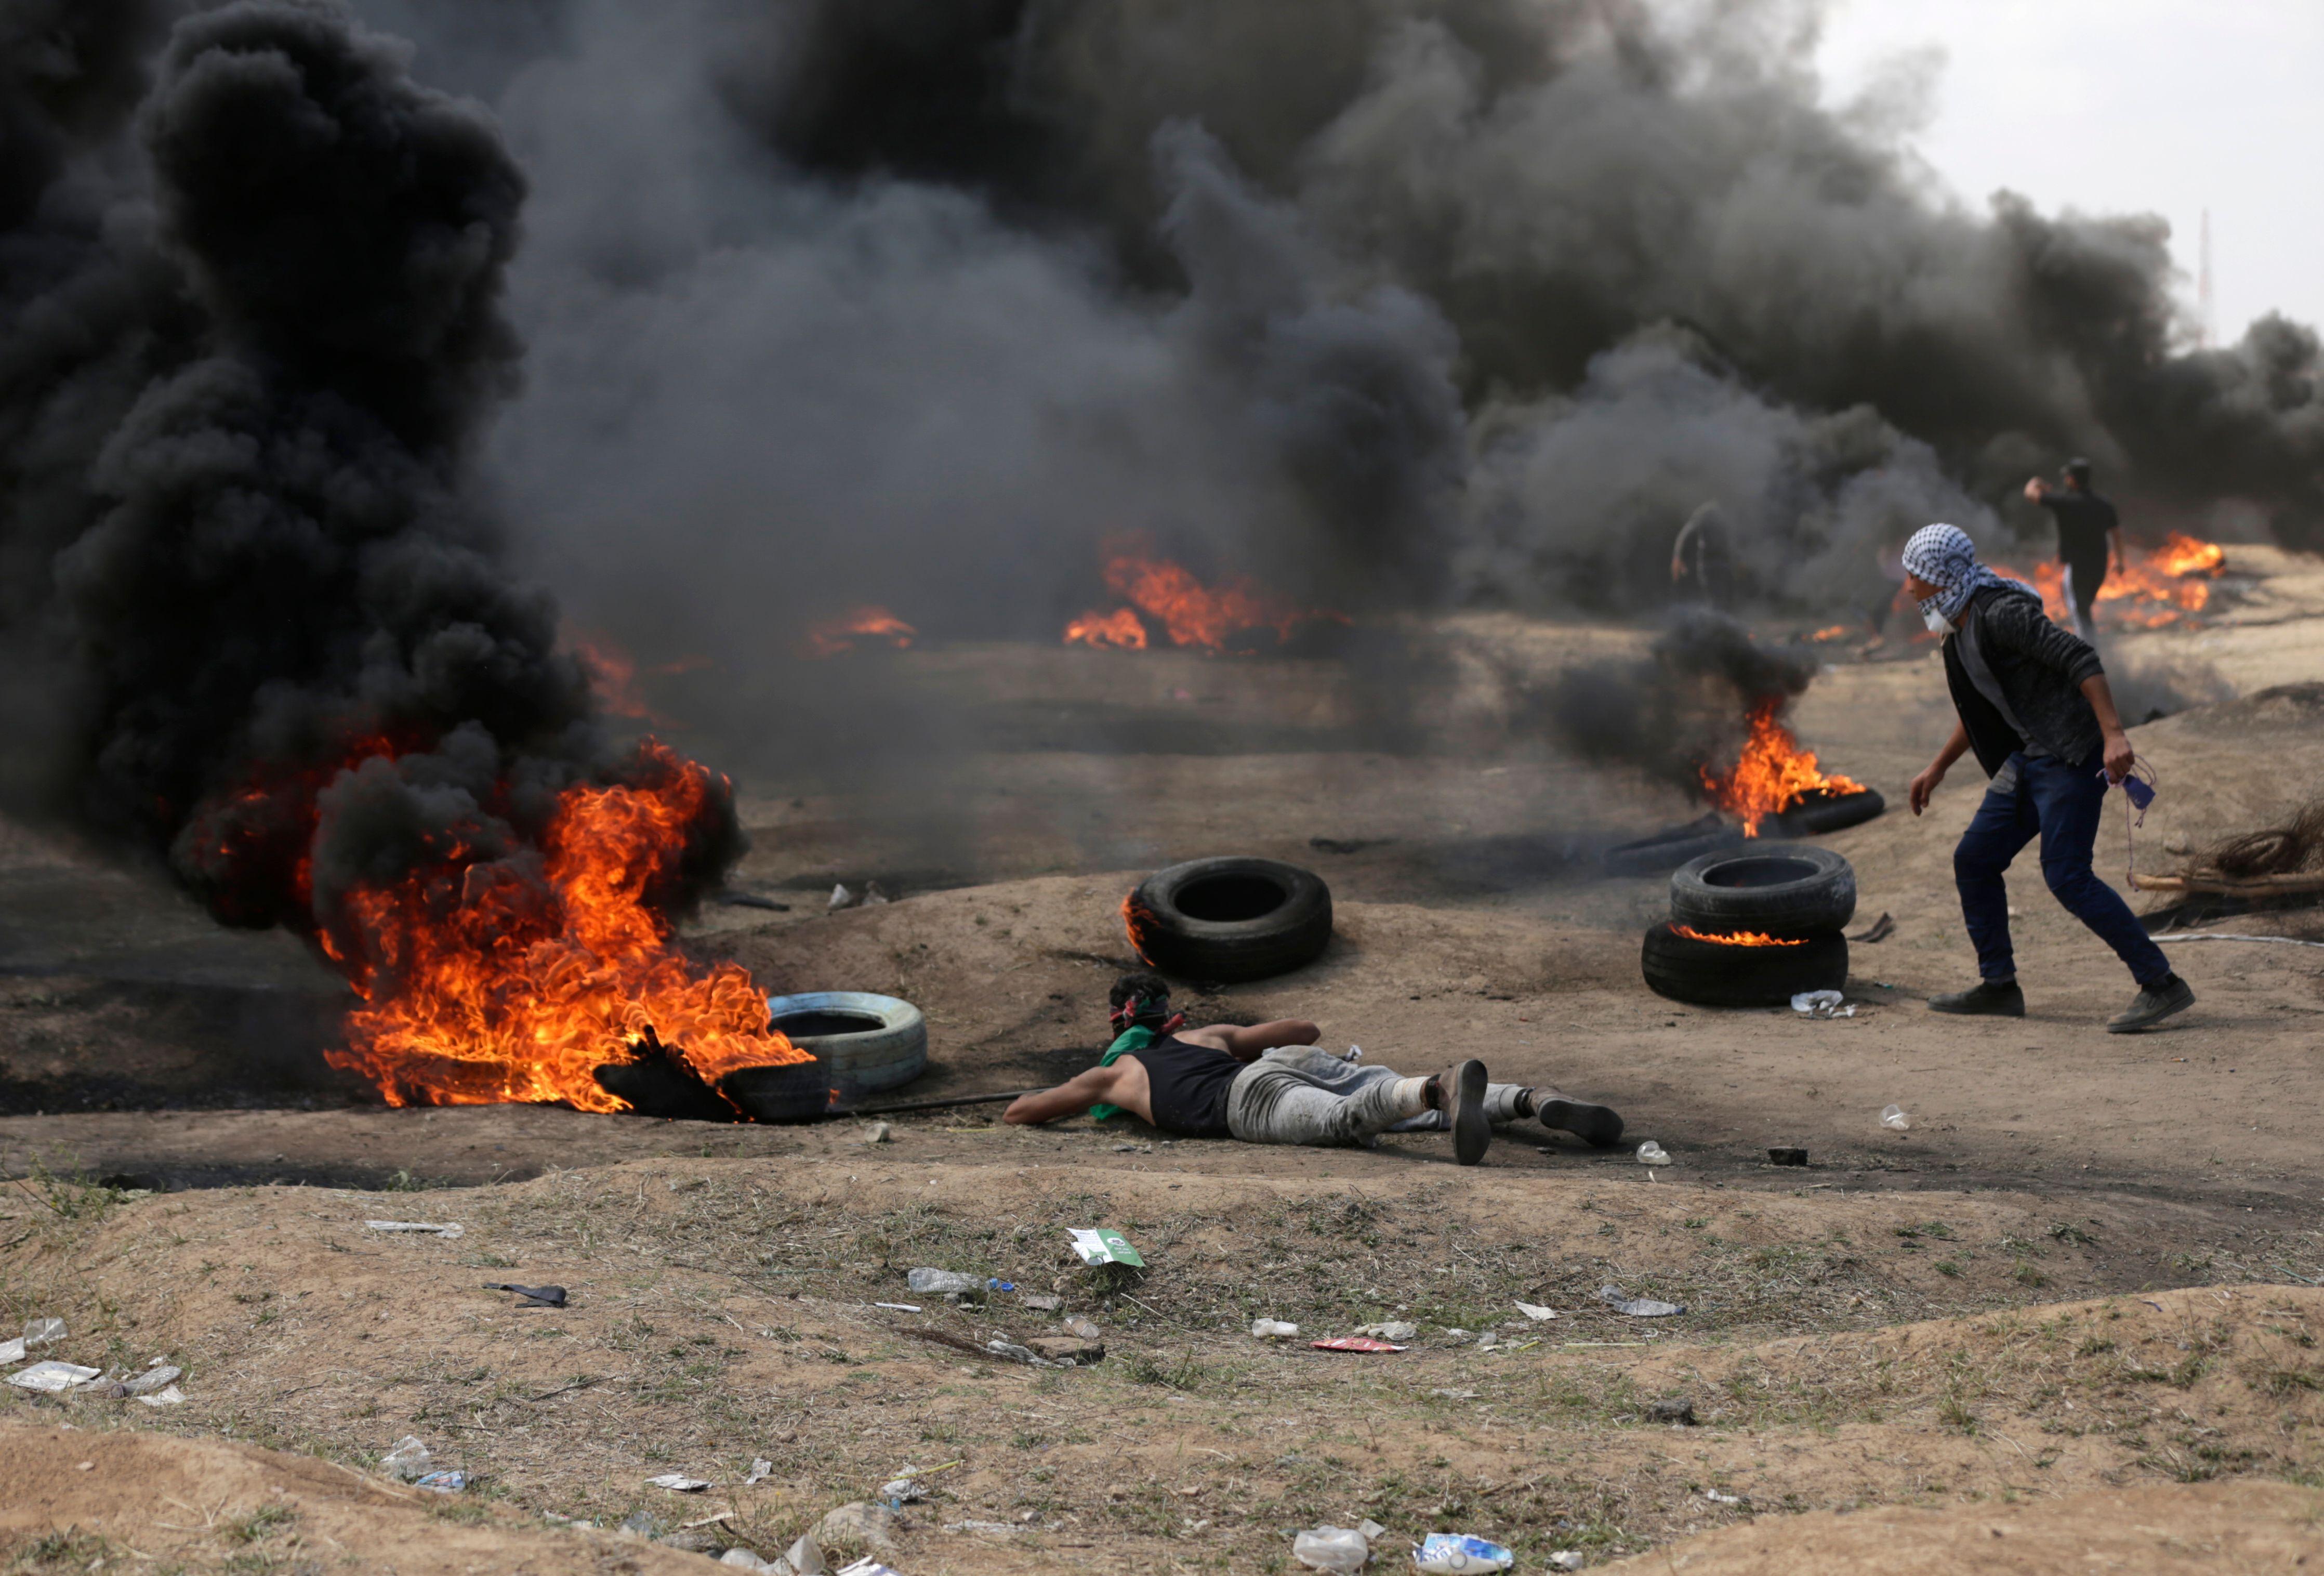 مواجهات بين الفلسطينيين والاحتلال فى غزة